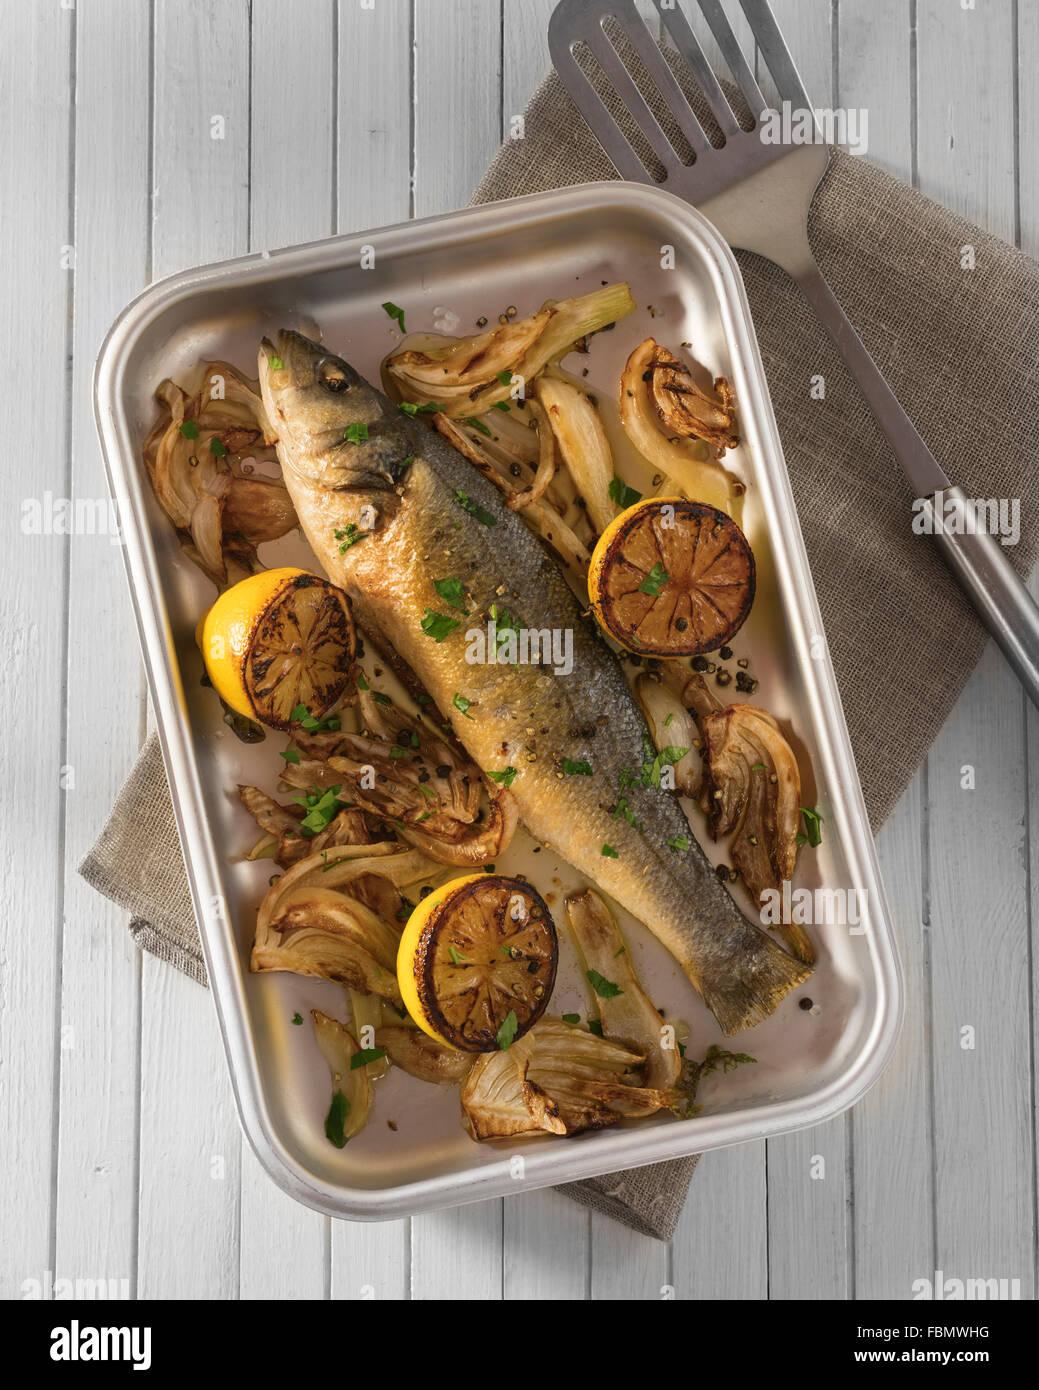 Cotto al forno il branzino con finocchio e limone Foto Stock